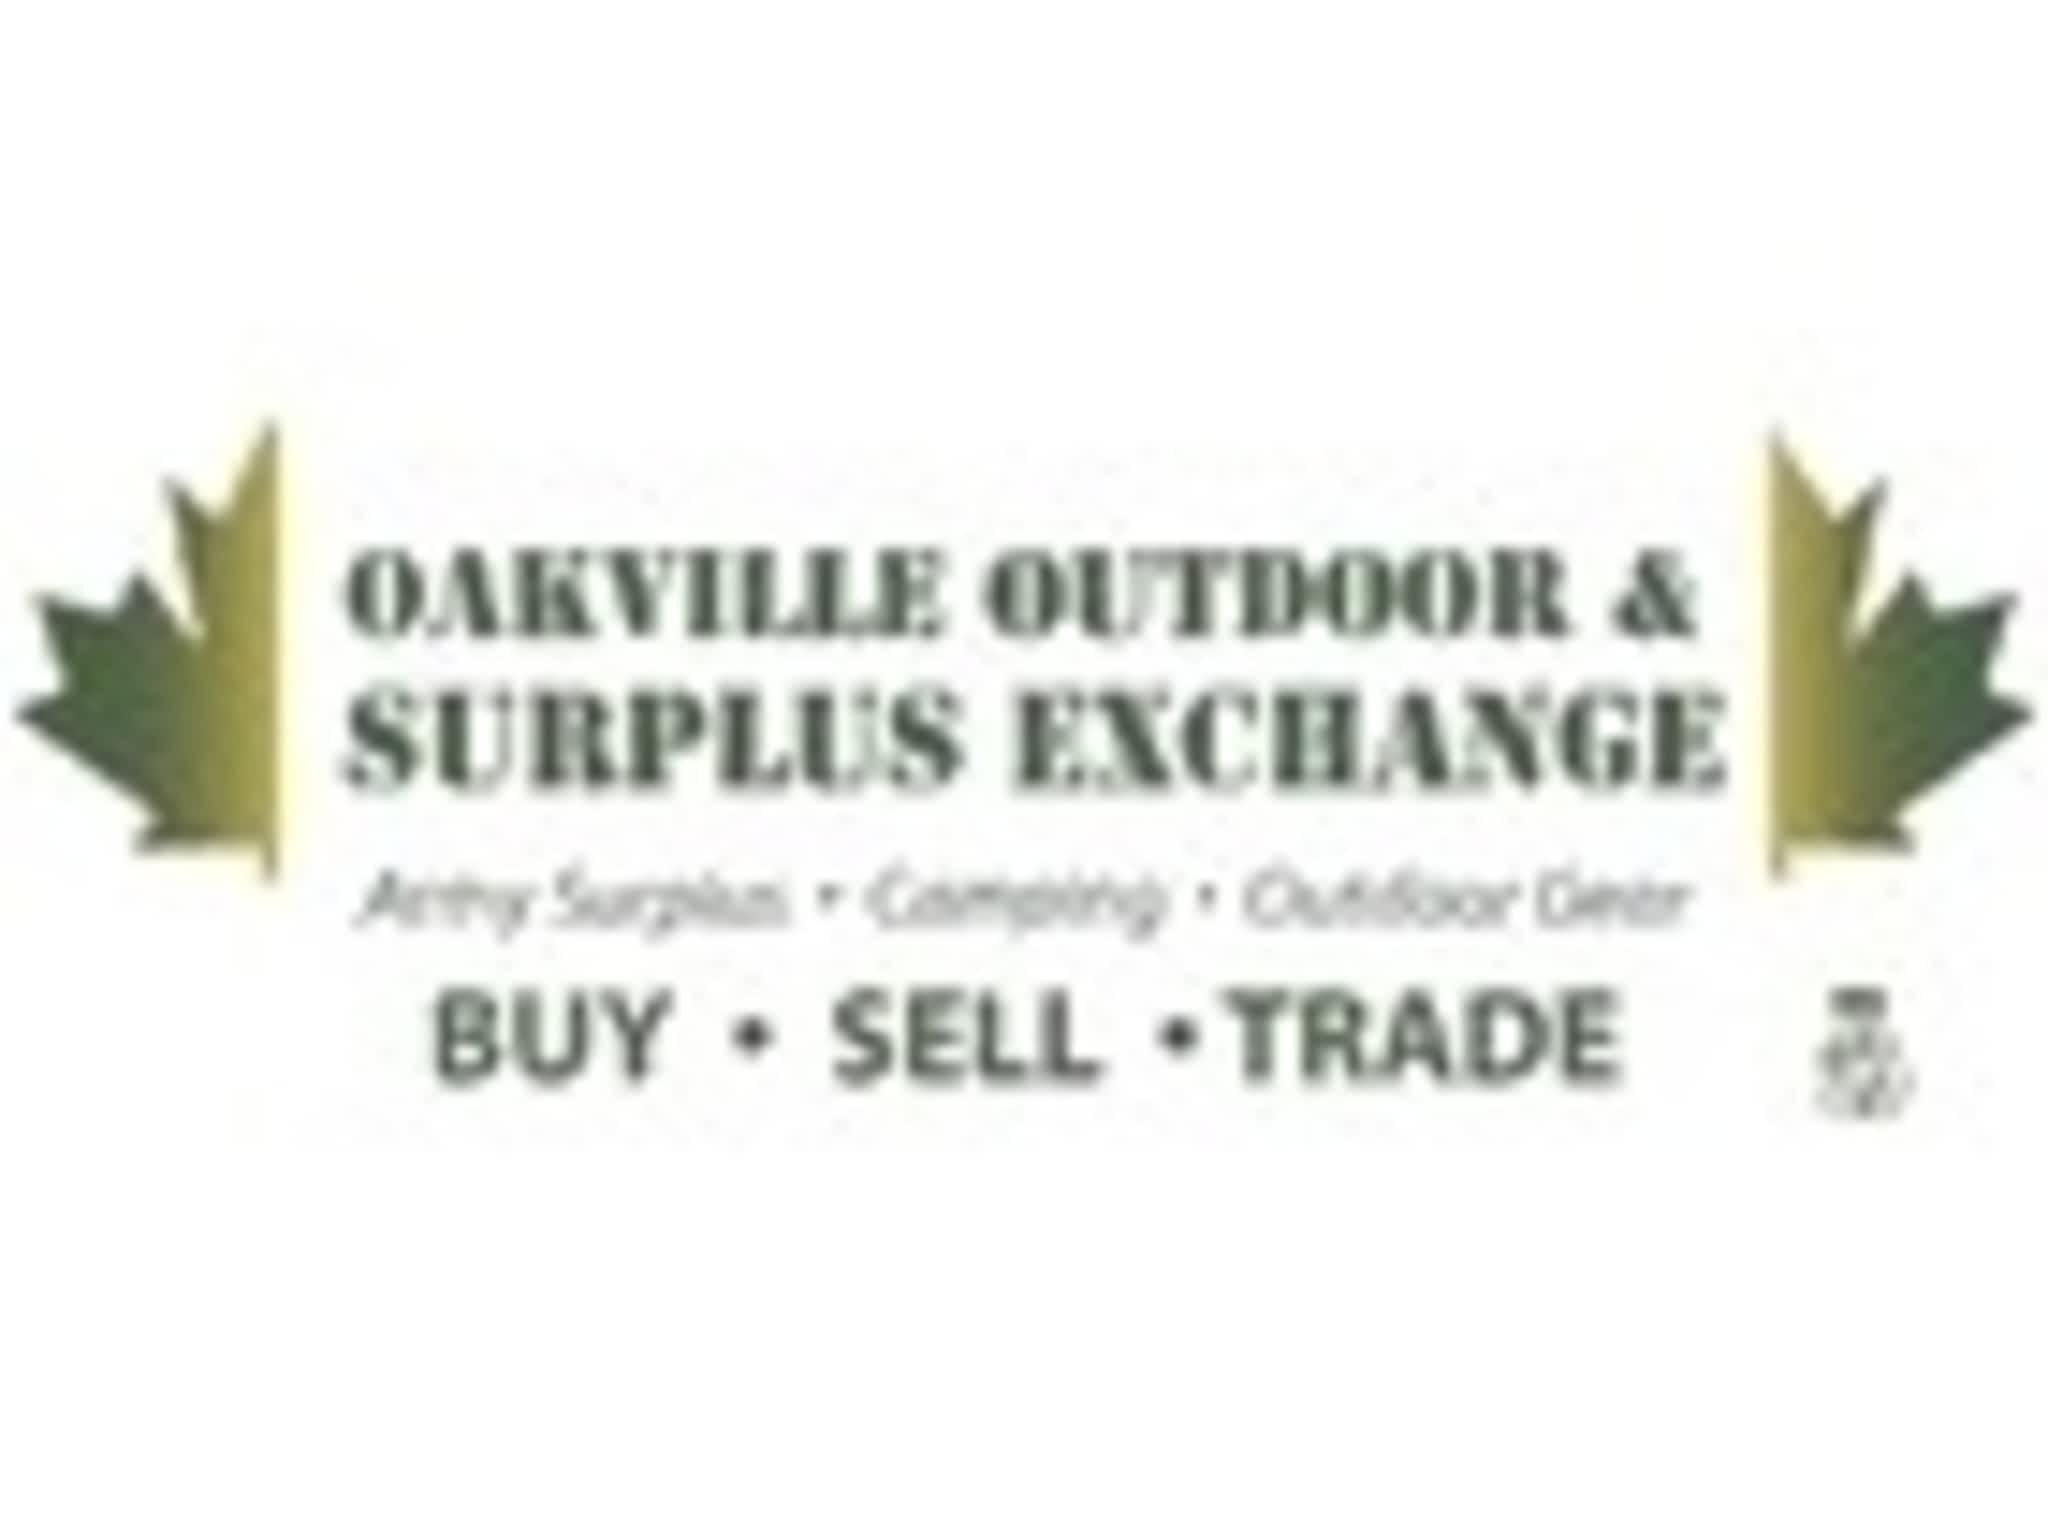 photo Oakville Outdoor & Surplus Exchange